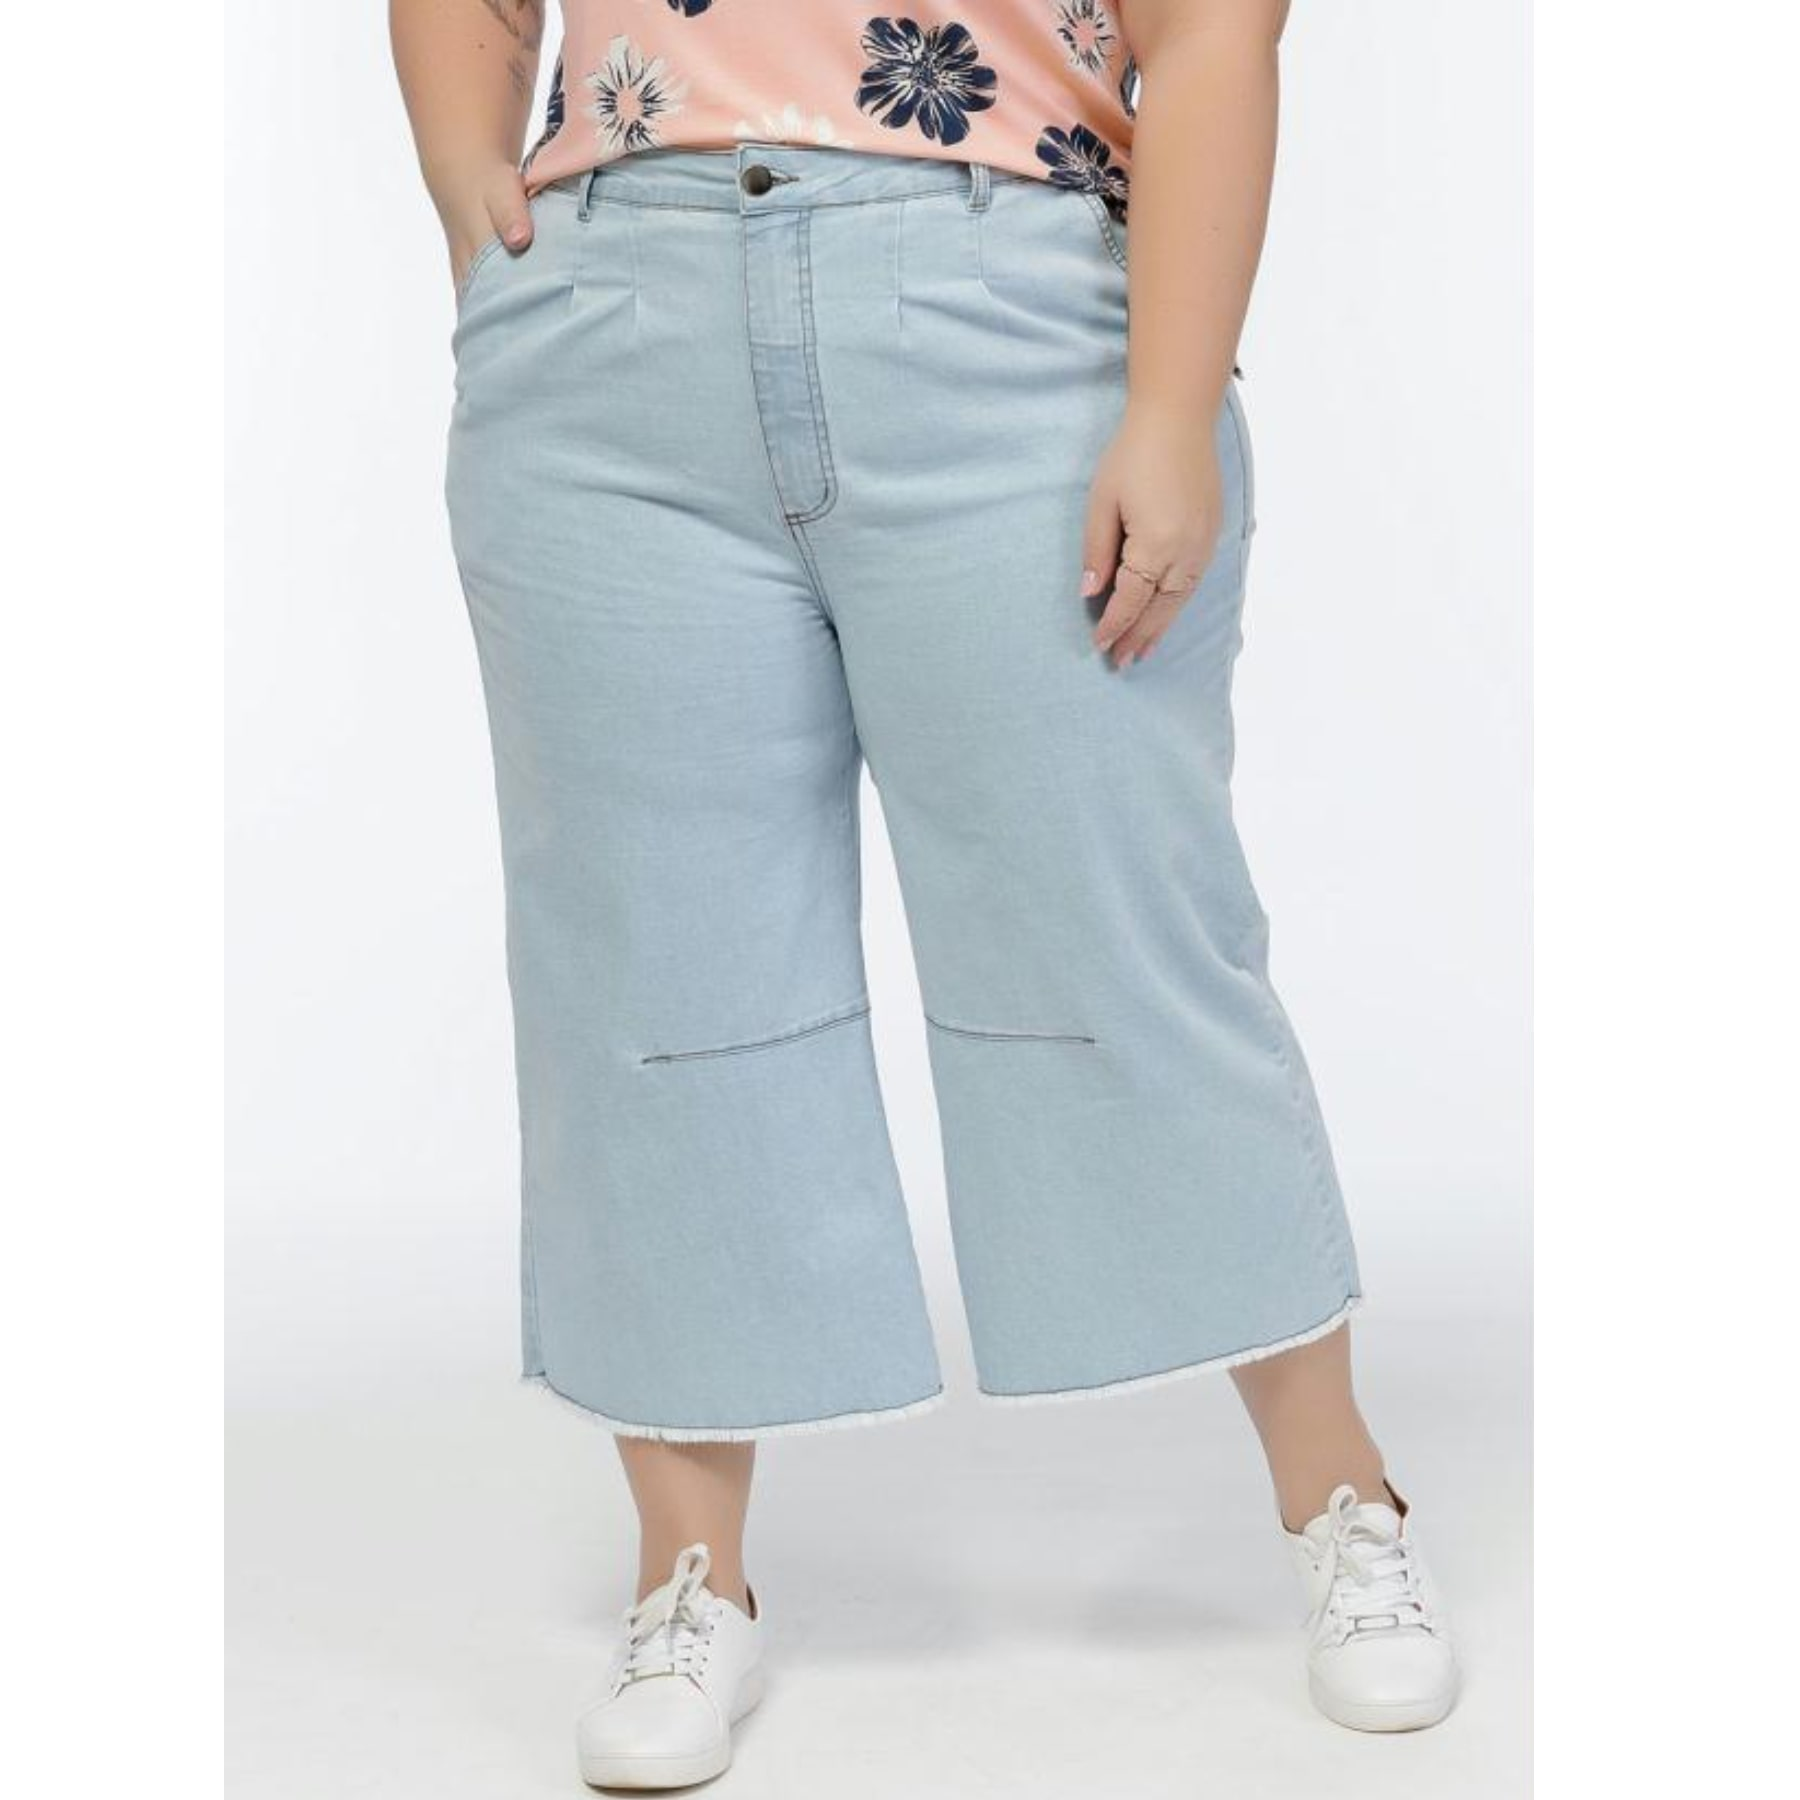 Calça Feminina  Jeans Azul Claro Cintura Alta Plus Size